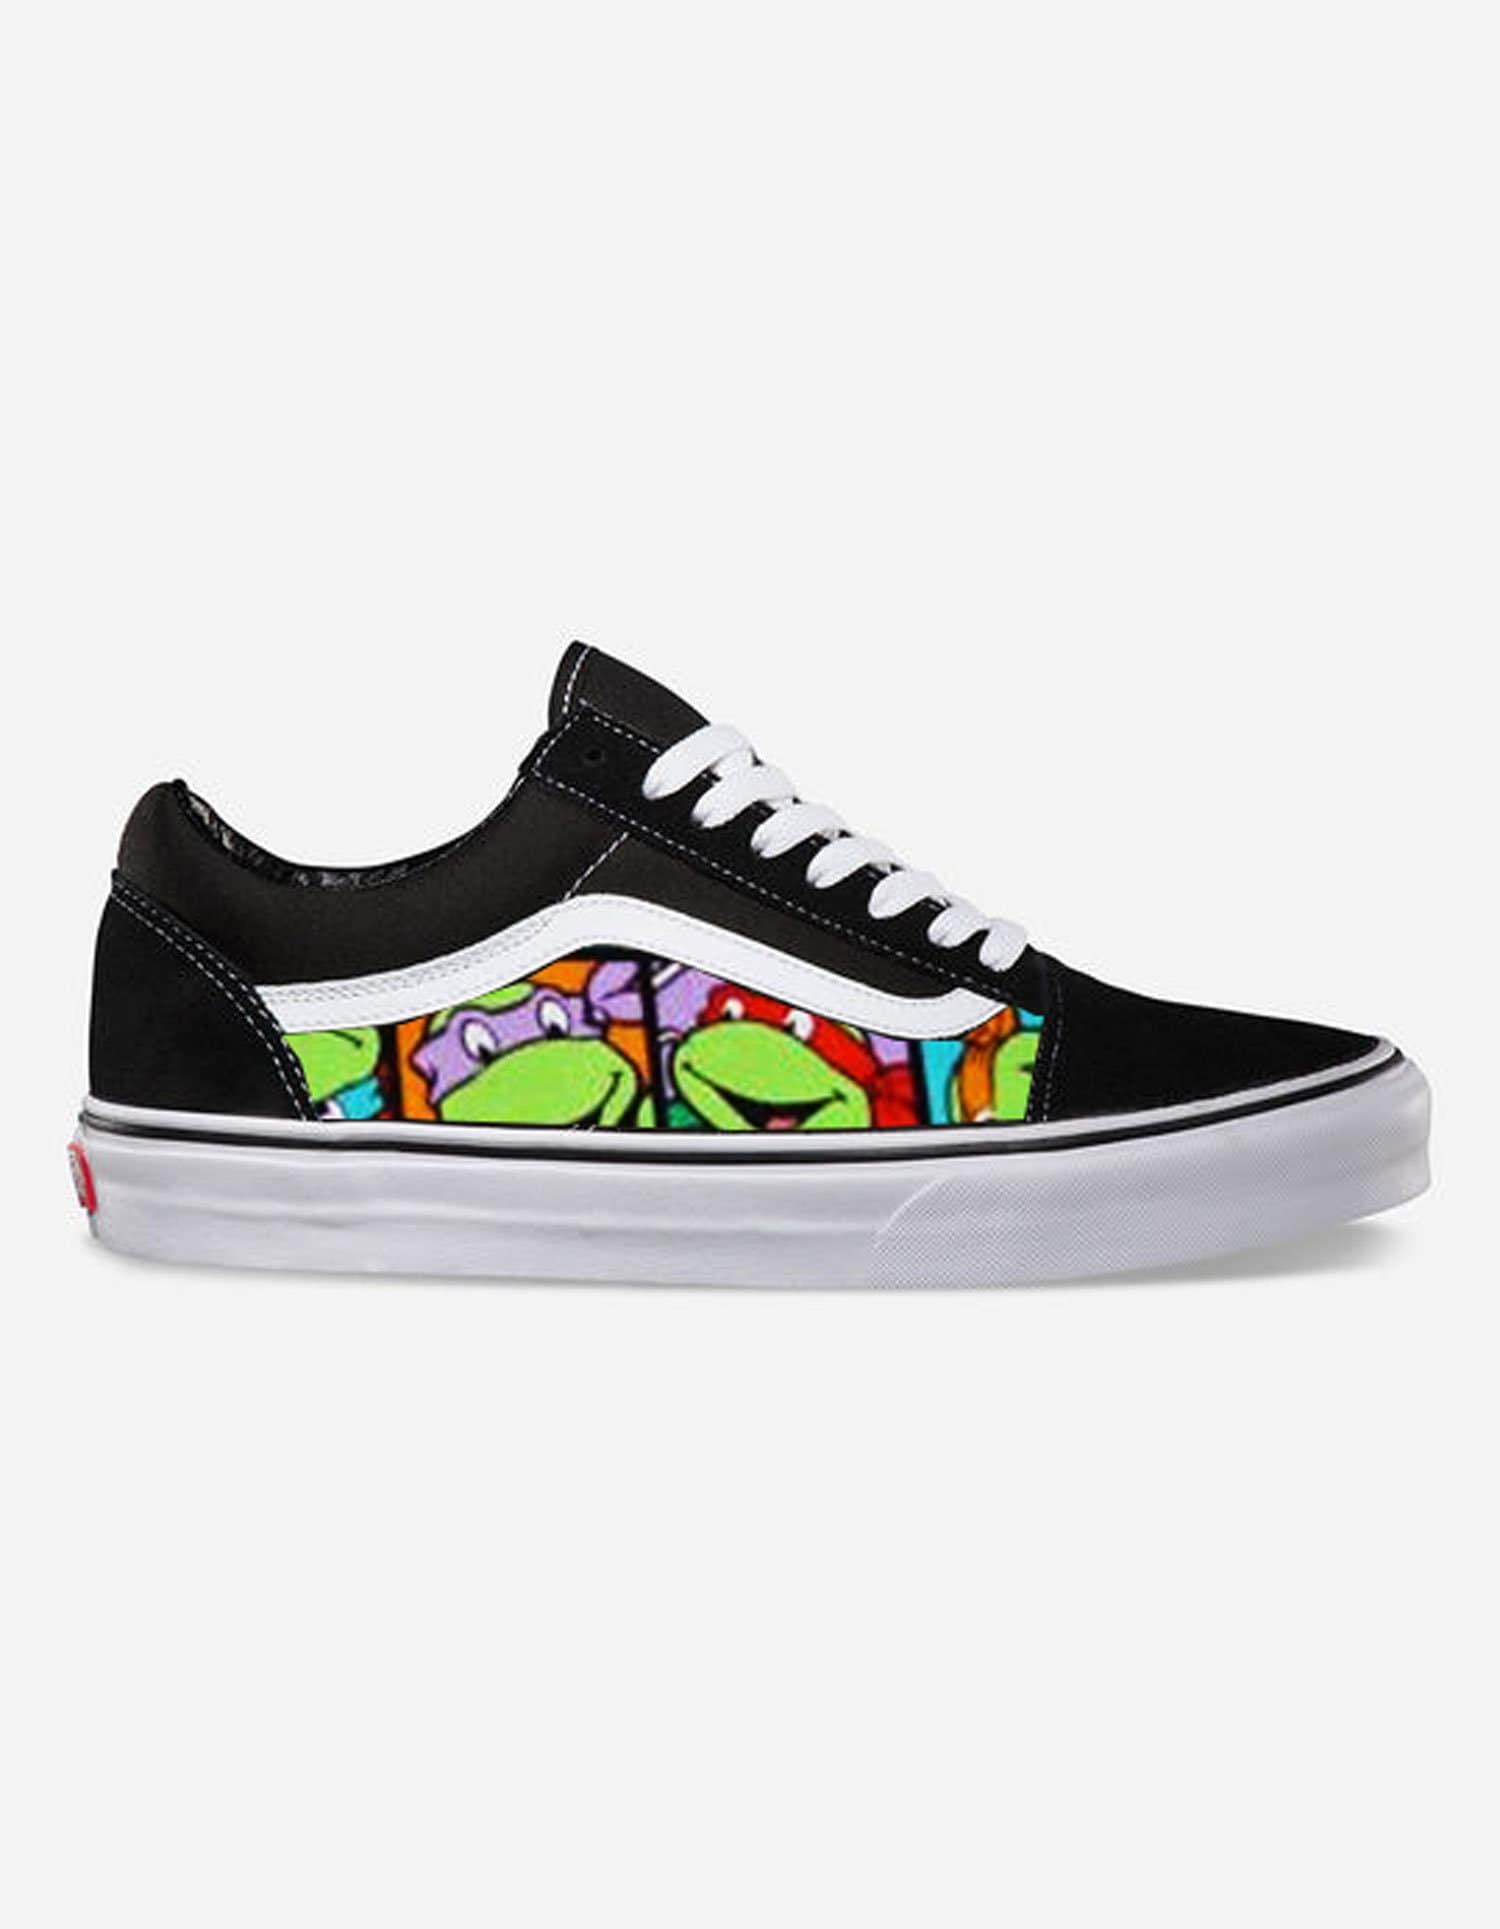 d941db1b84 Ninja Turtle Custom Made Vans Old Skool Skate Shoe NEW